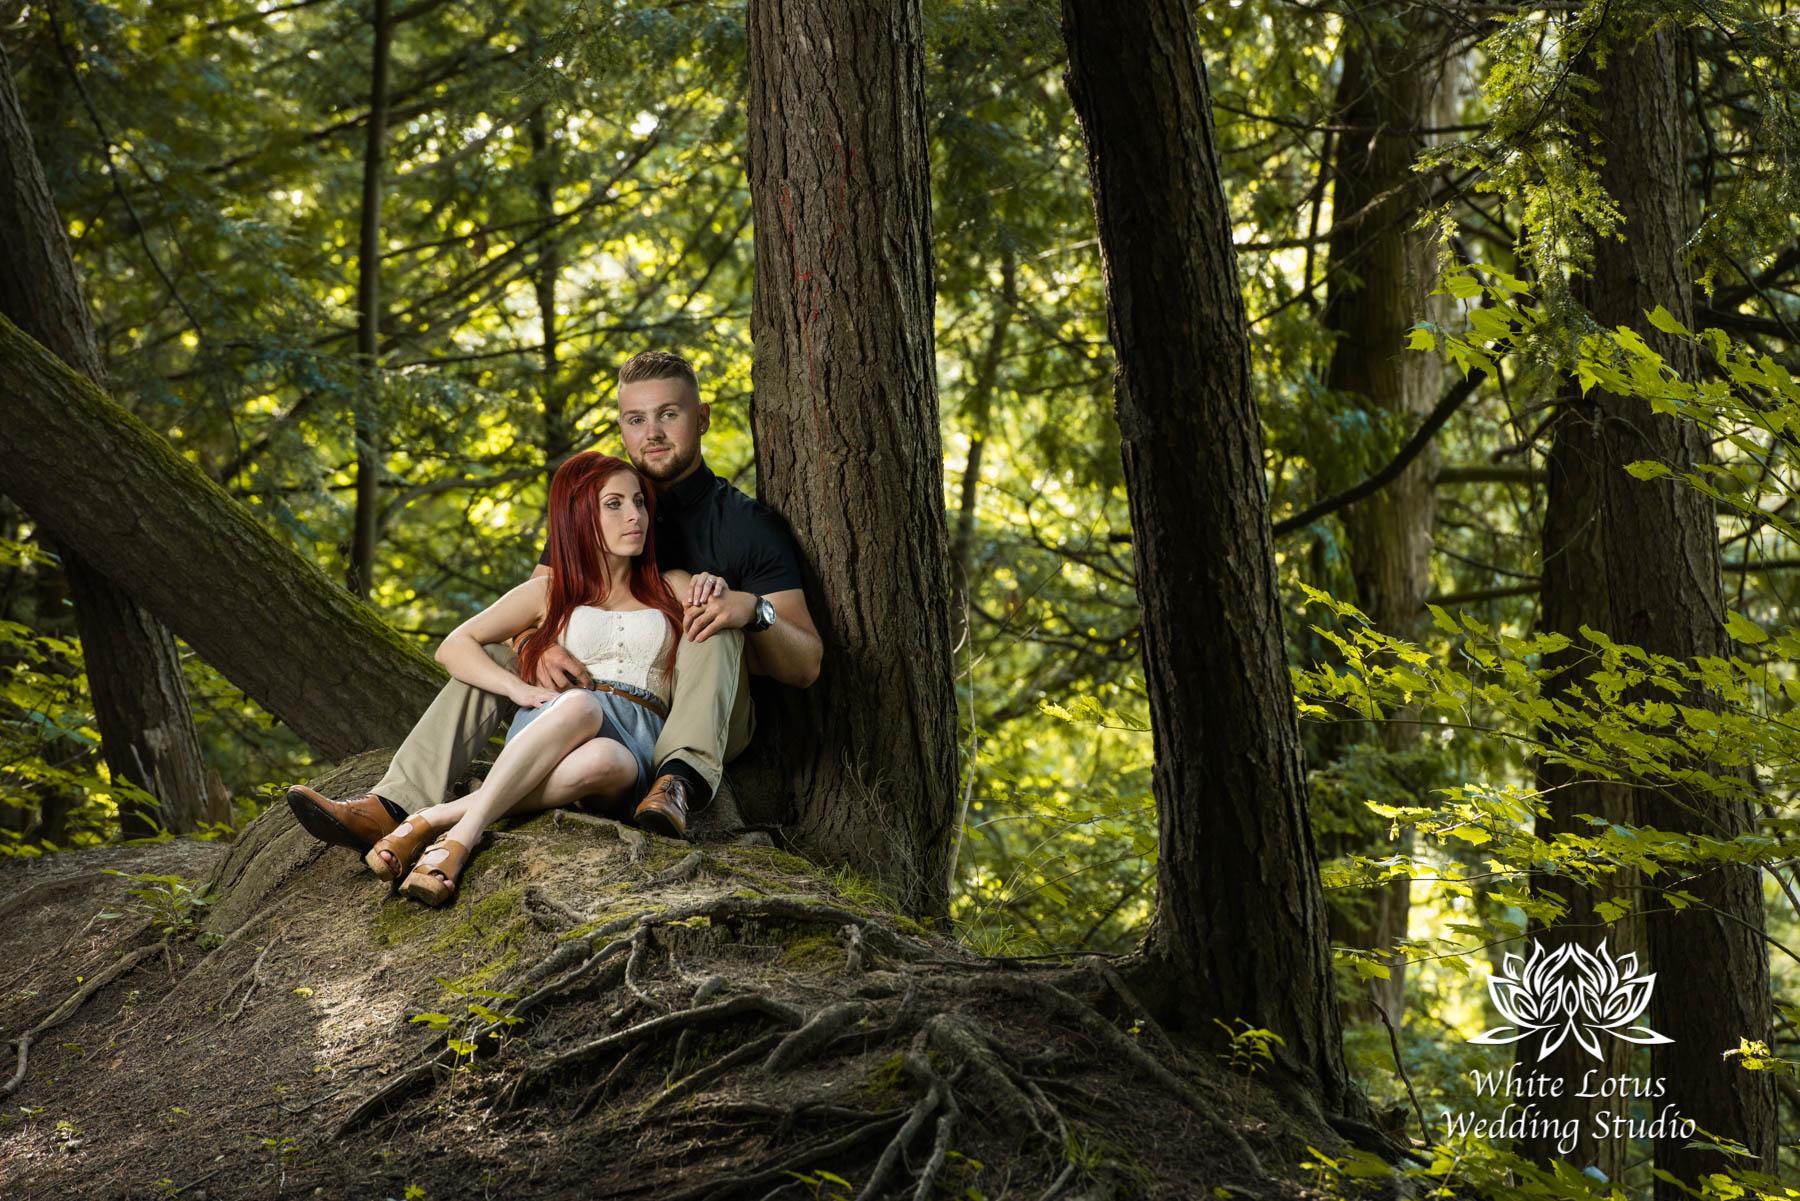 029 - Kleinburg - Engagement - Summer